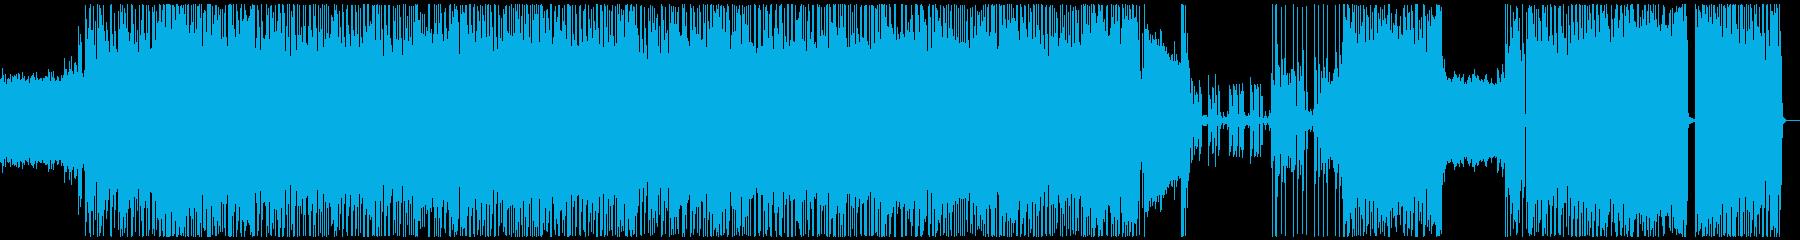 生演奏ギター冴えるヘビネス 【音質違い】の再生済みの波形